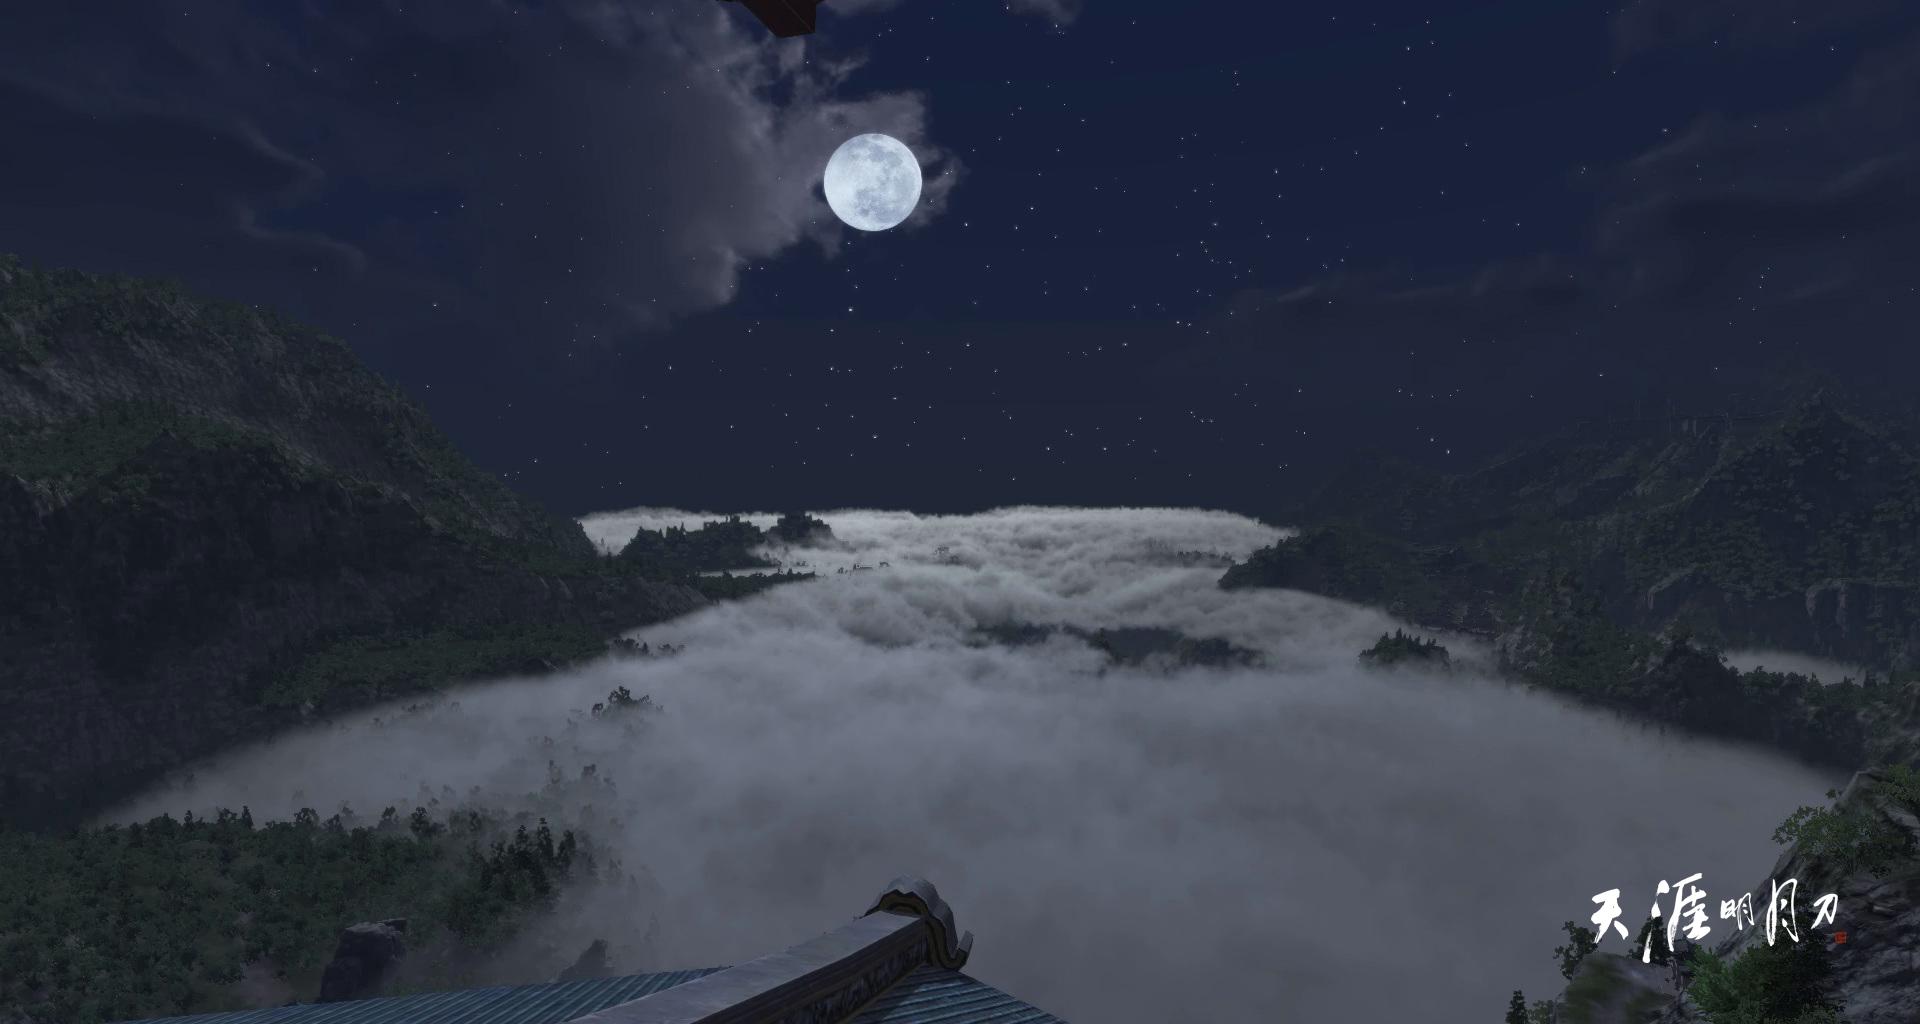 《无限法则》——星起东方夜